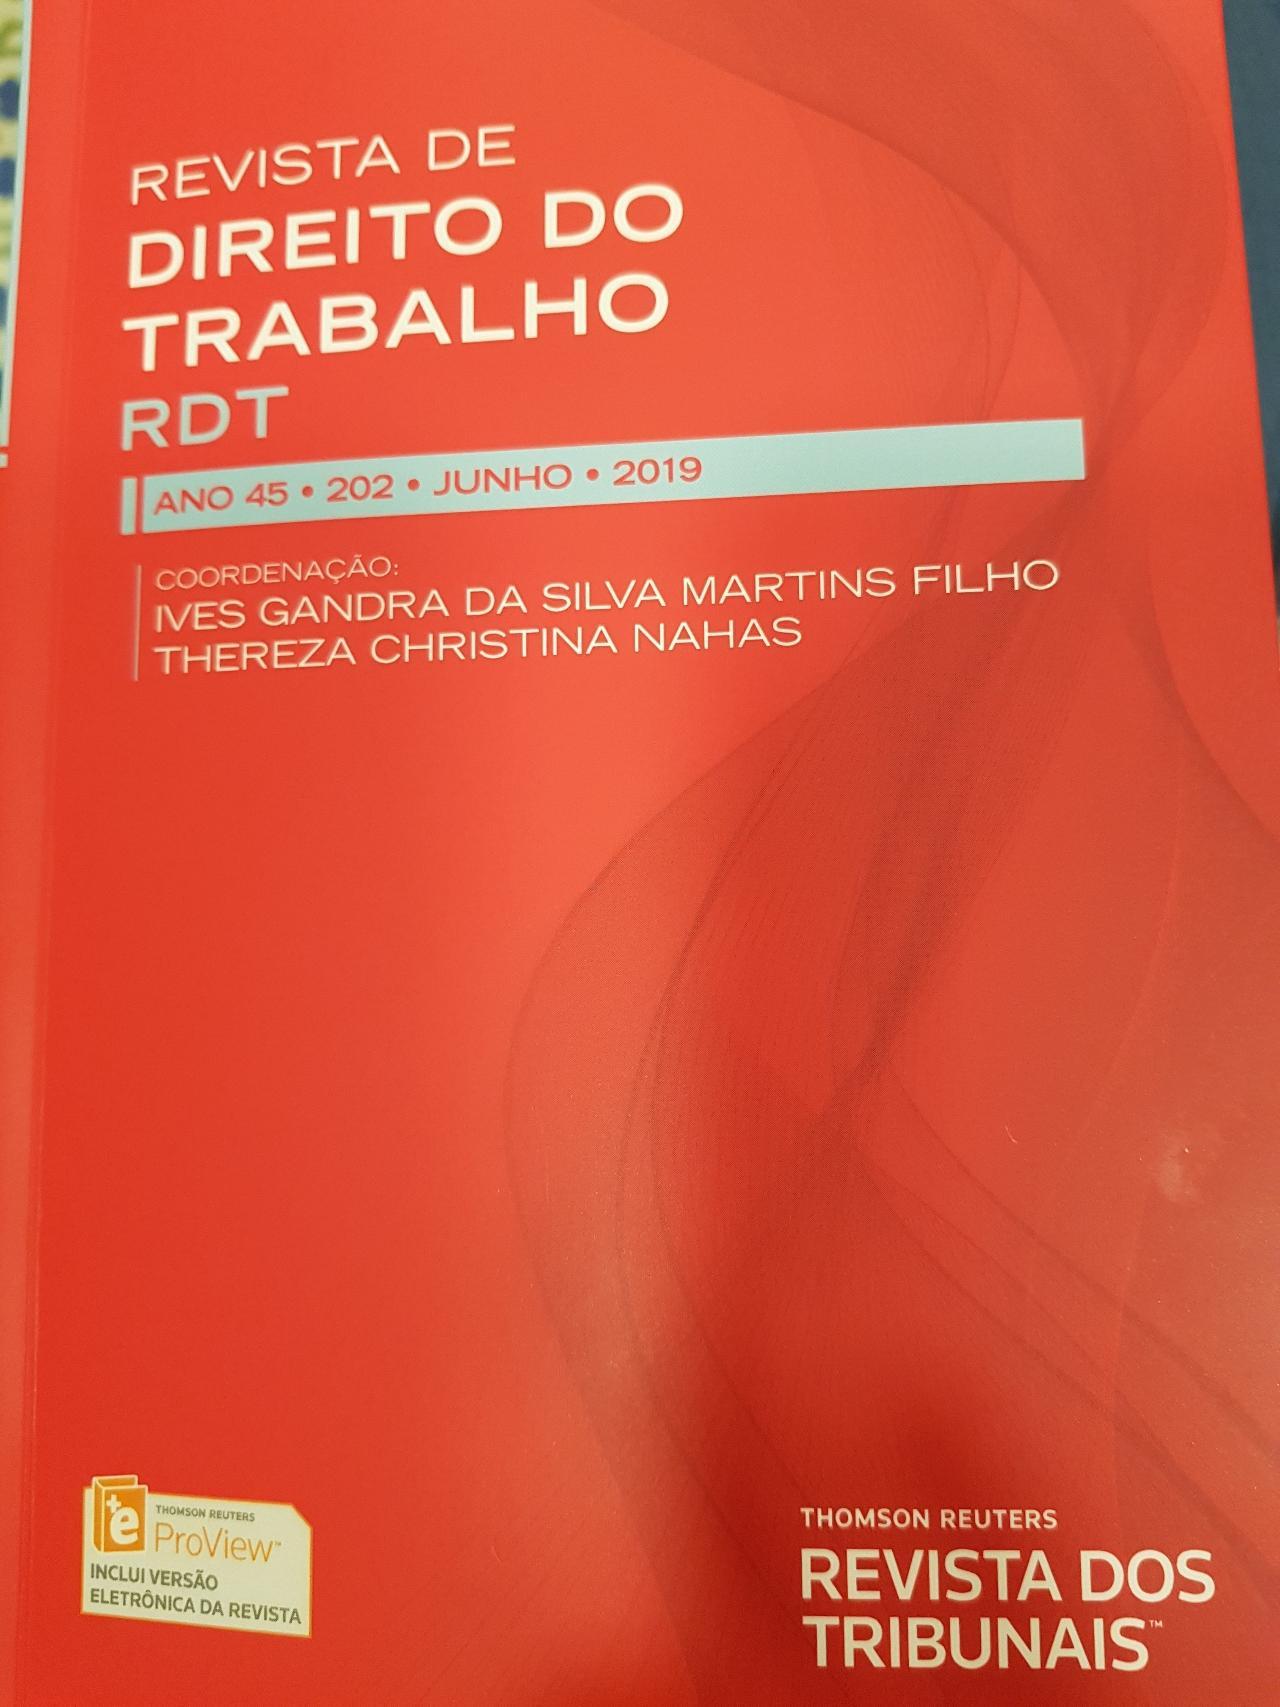 rdt-001